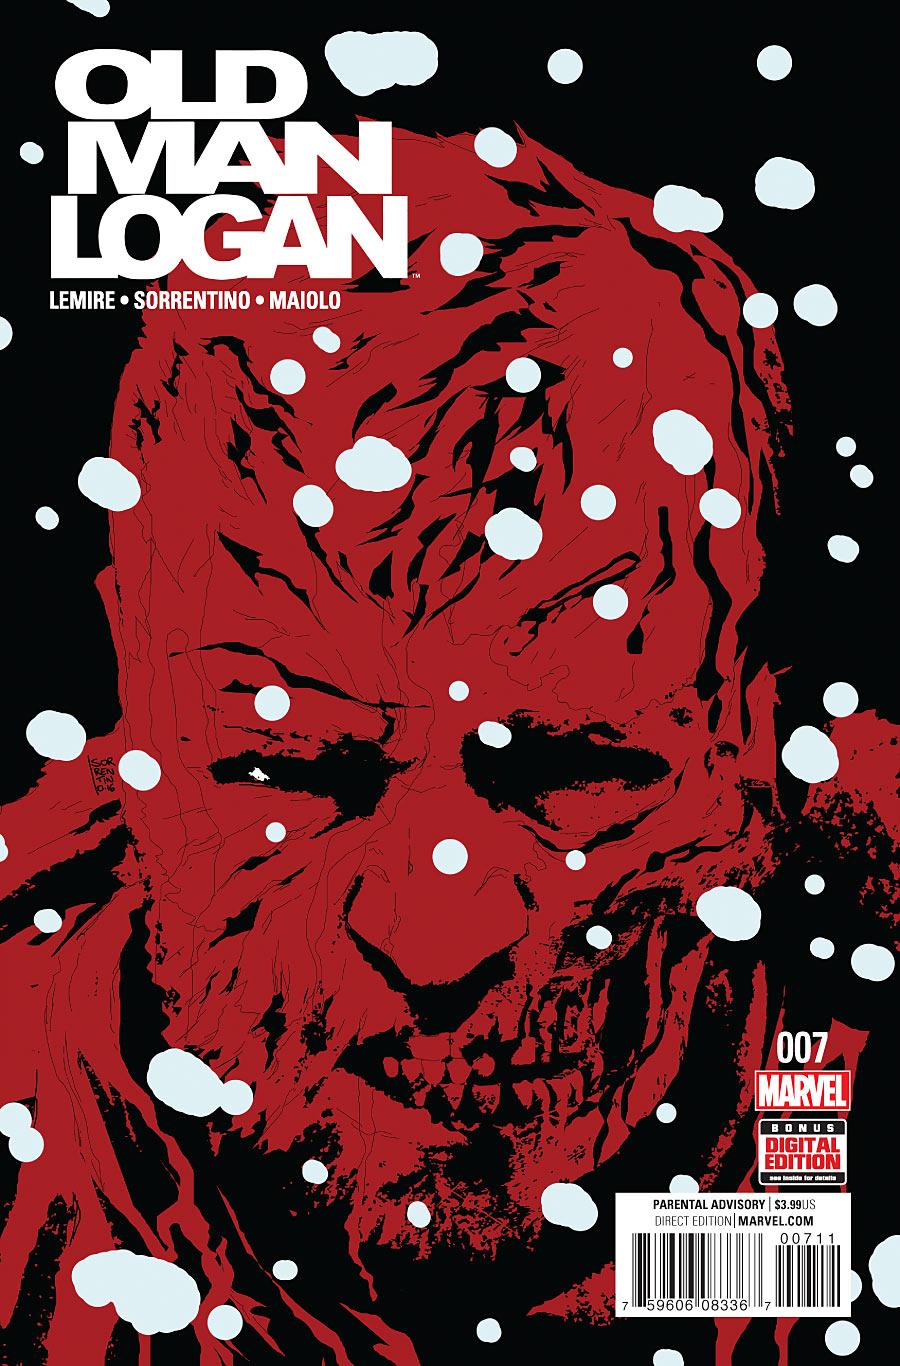 Old Man Logan #7